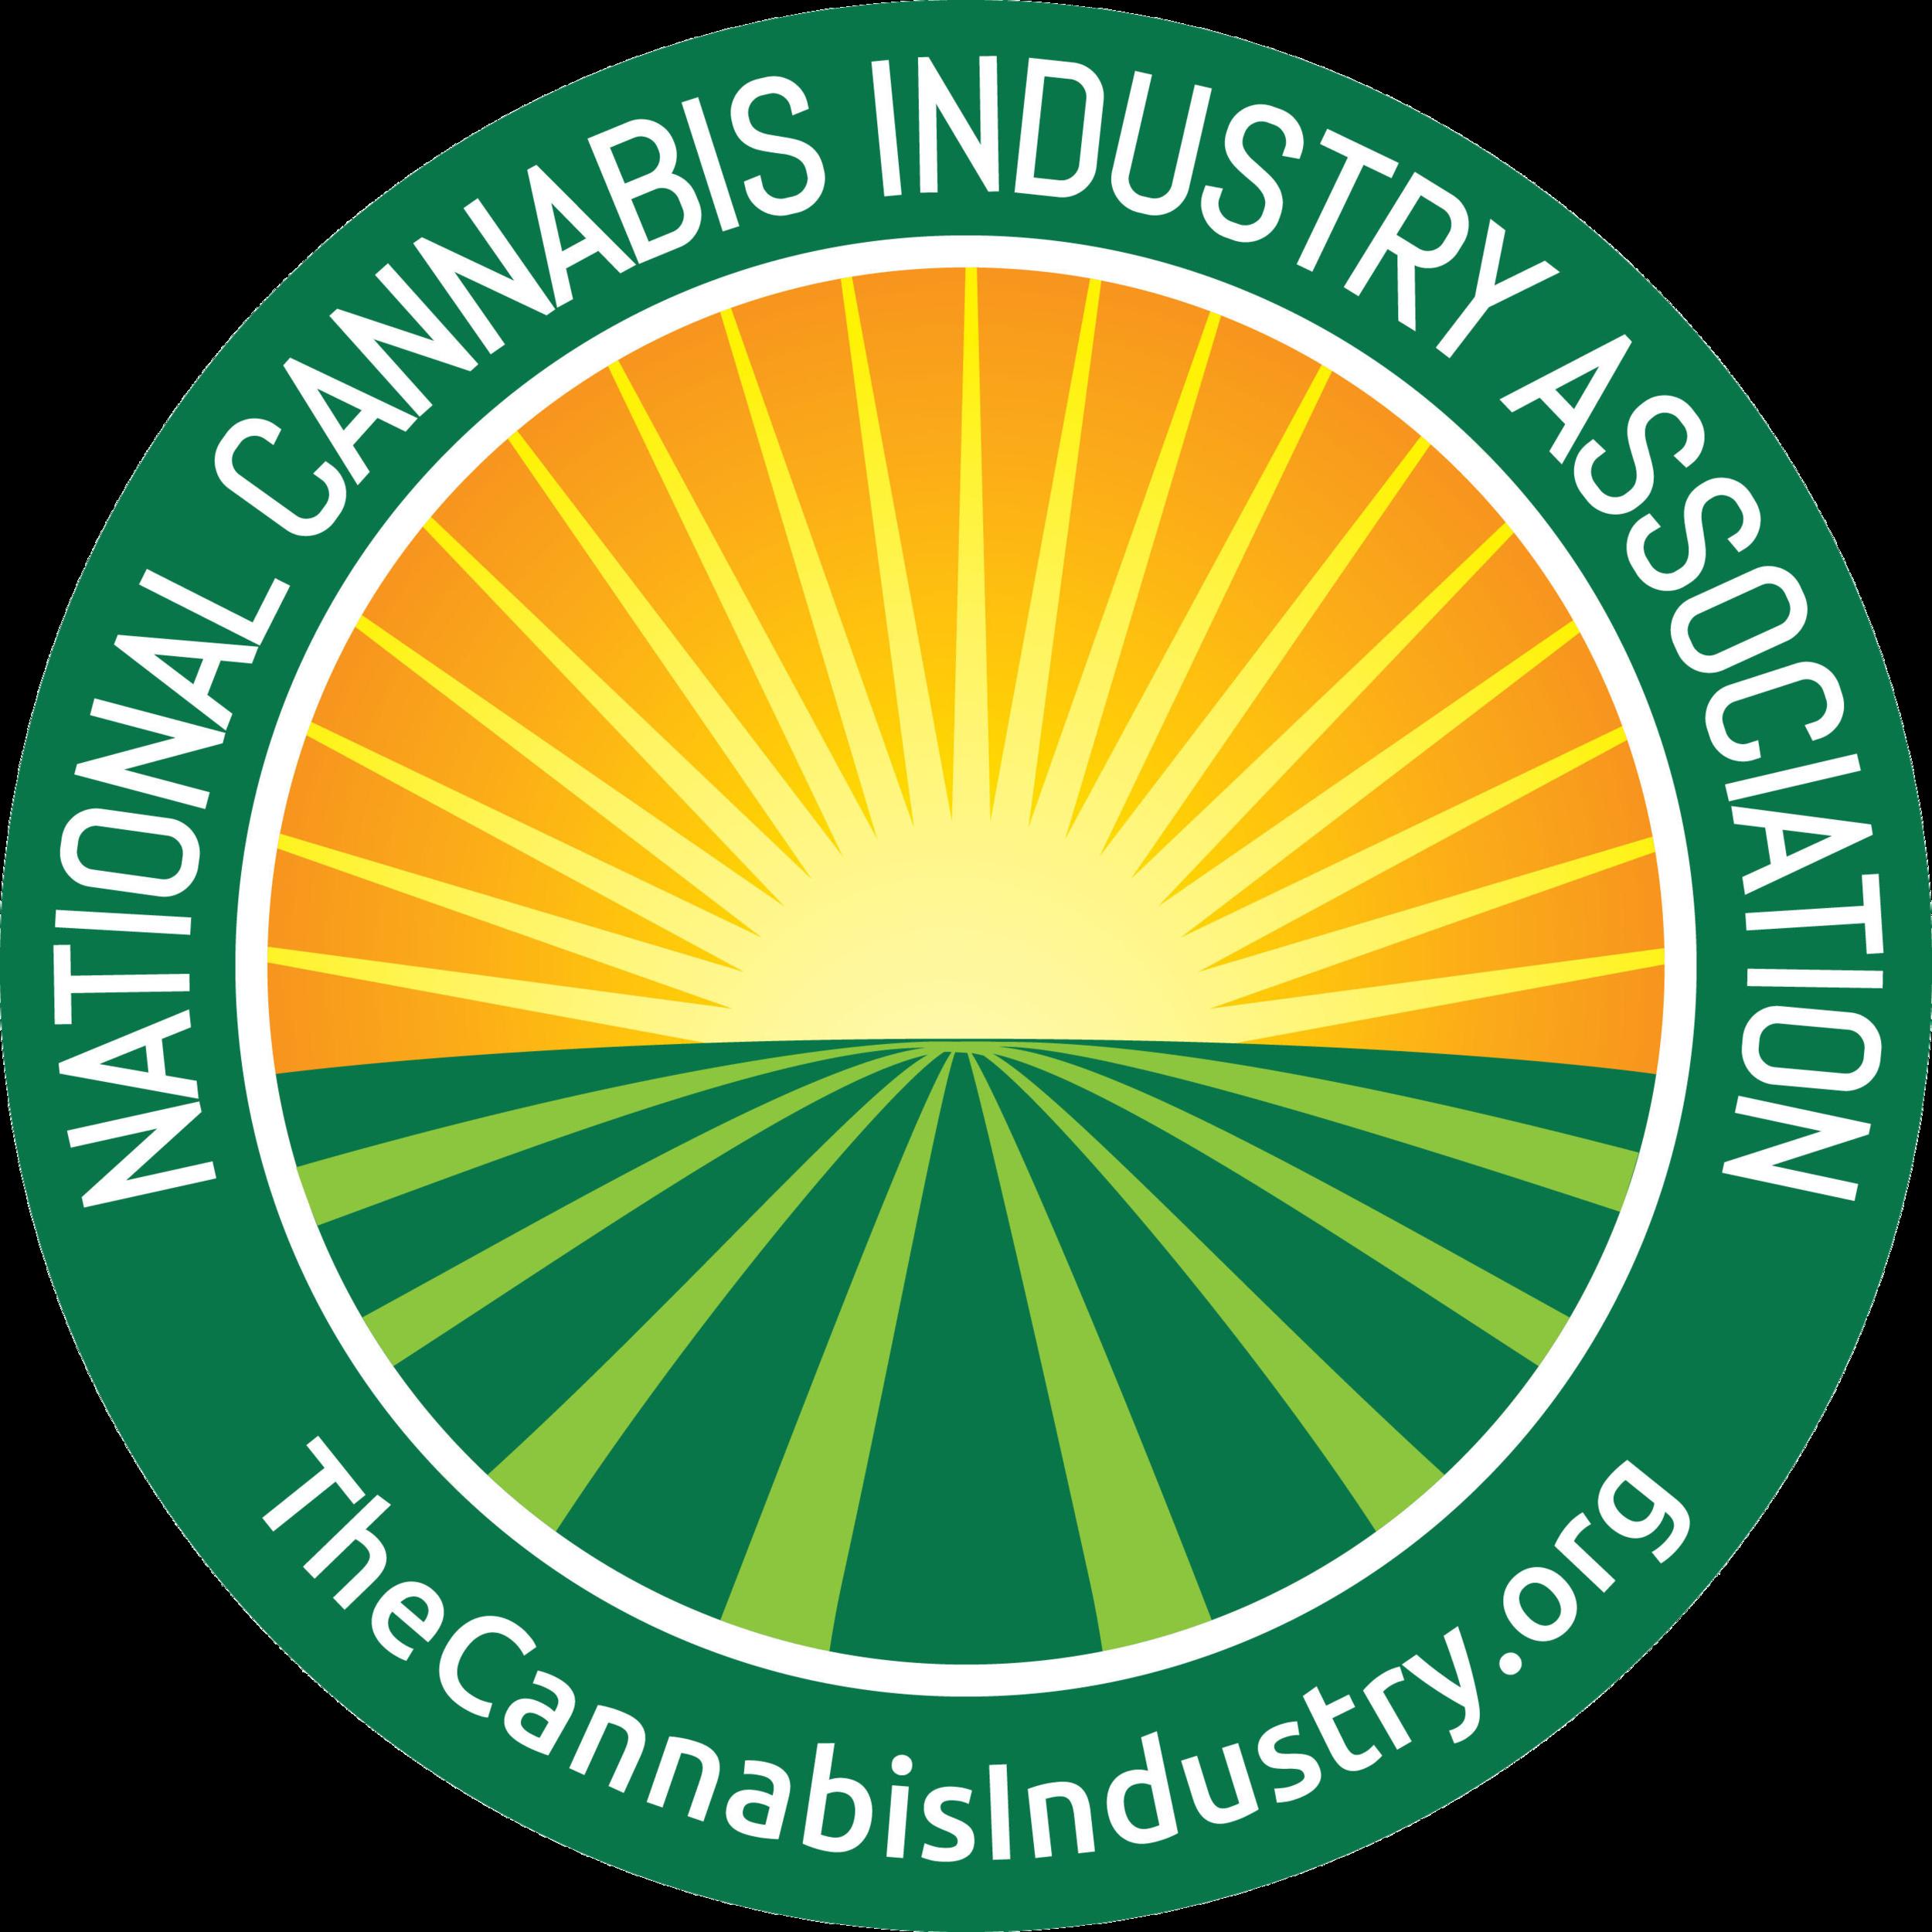 https://thecannabisindustry.org/